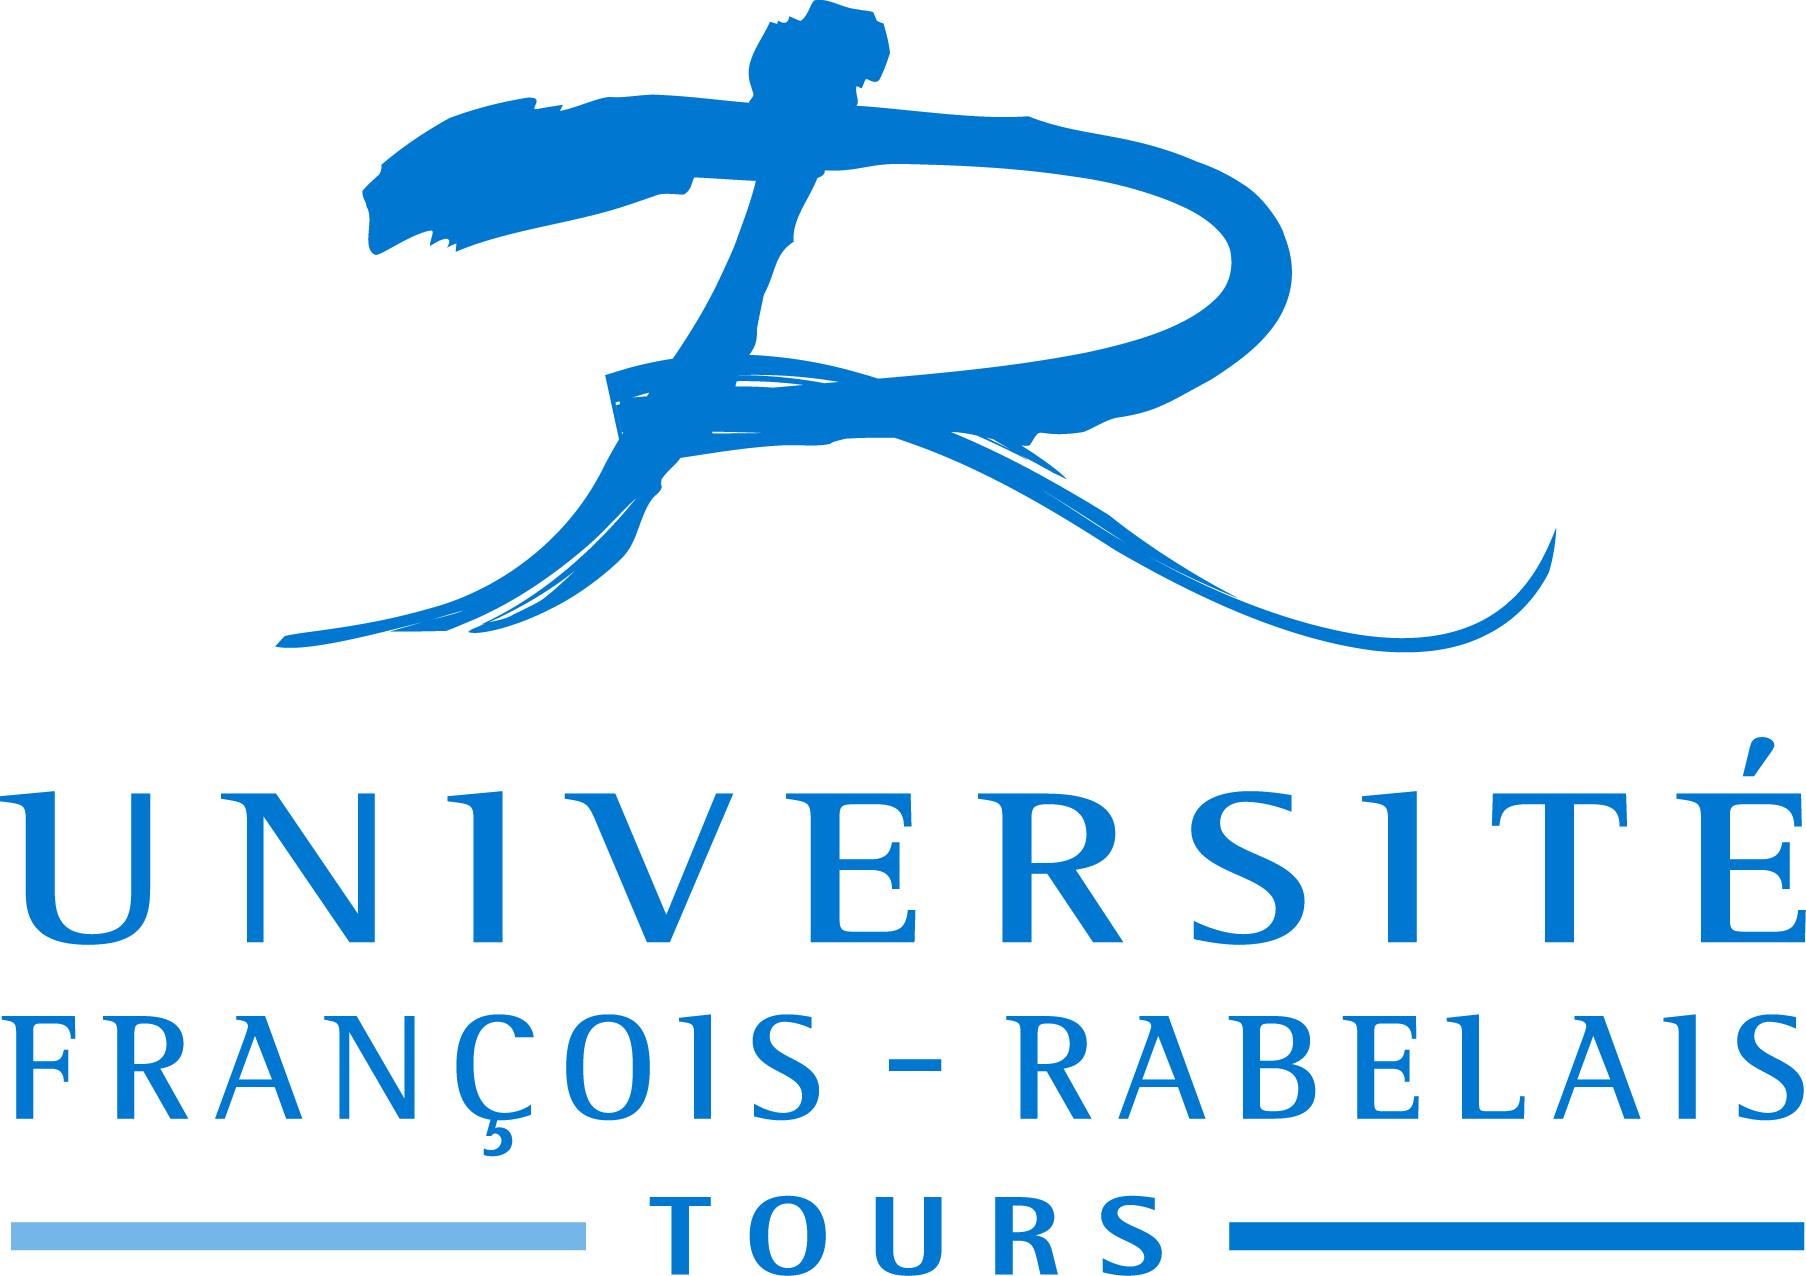 Université Francois-Rabelais